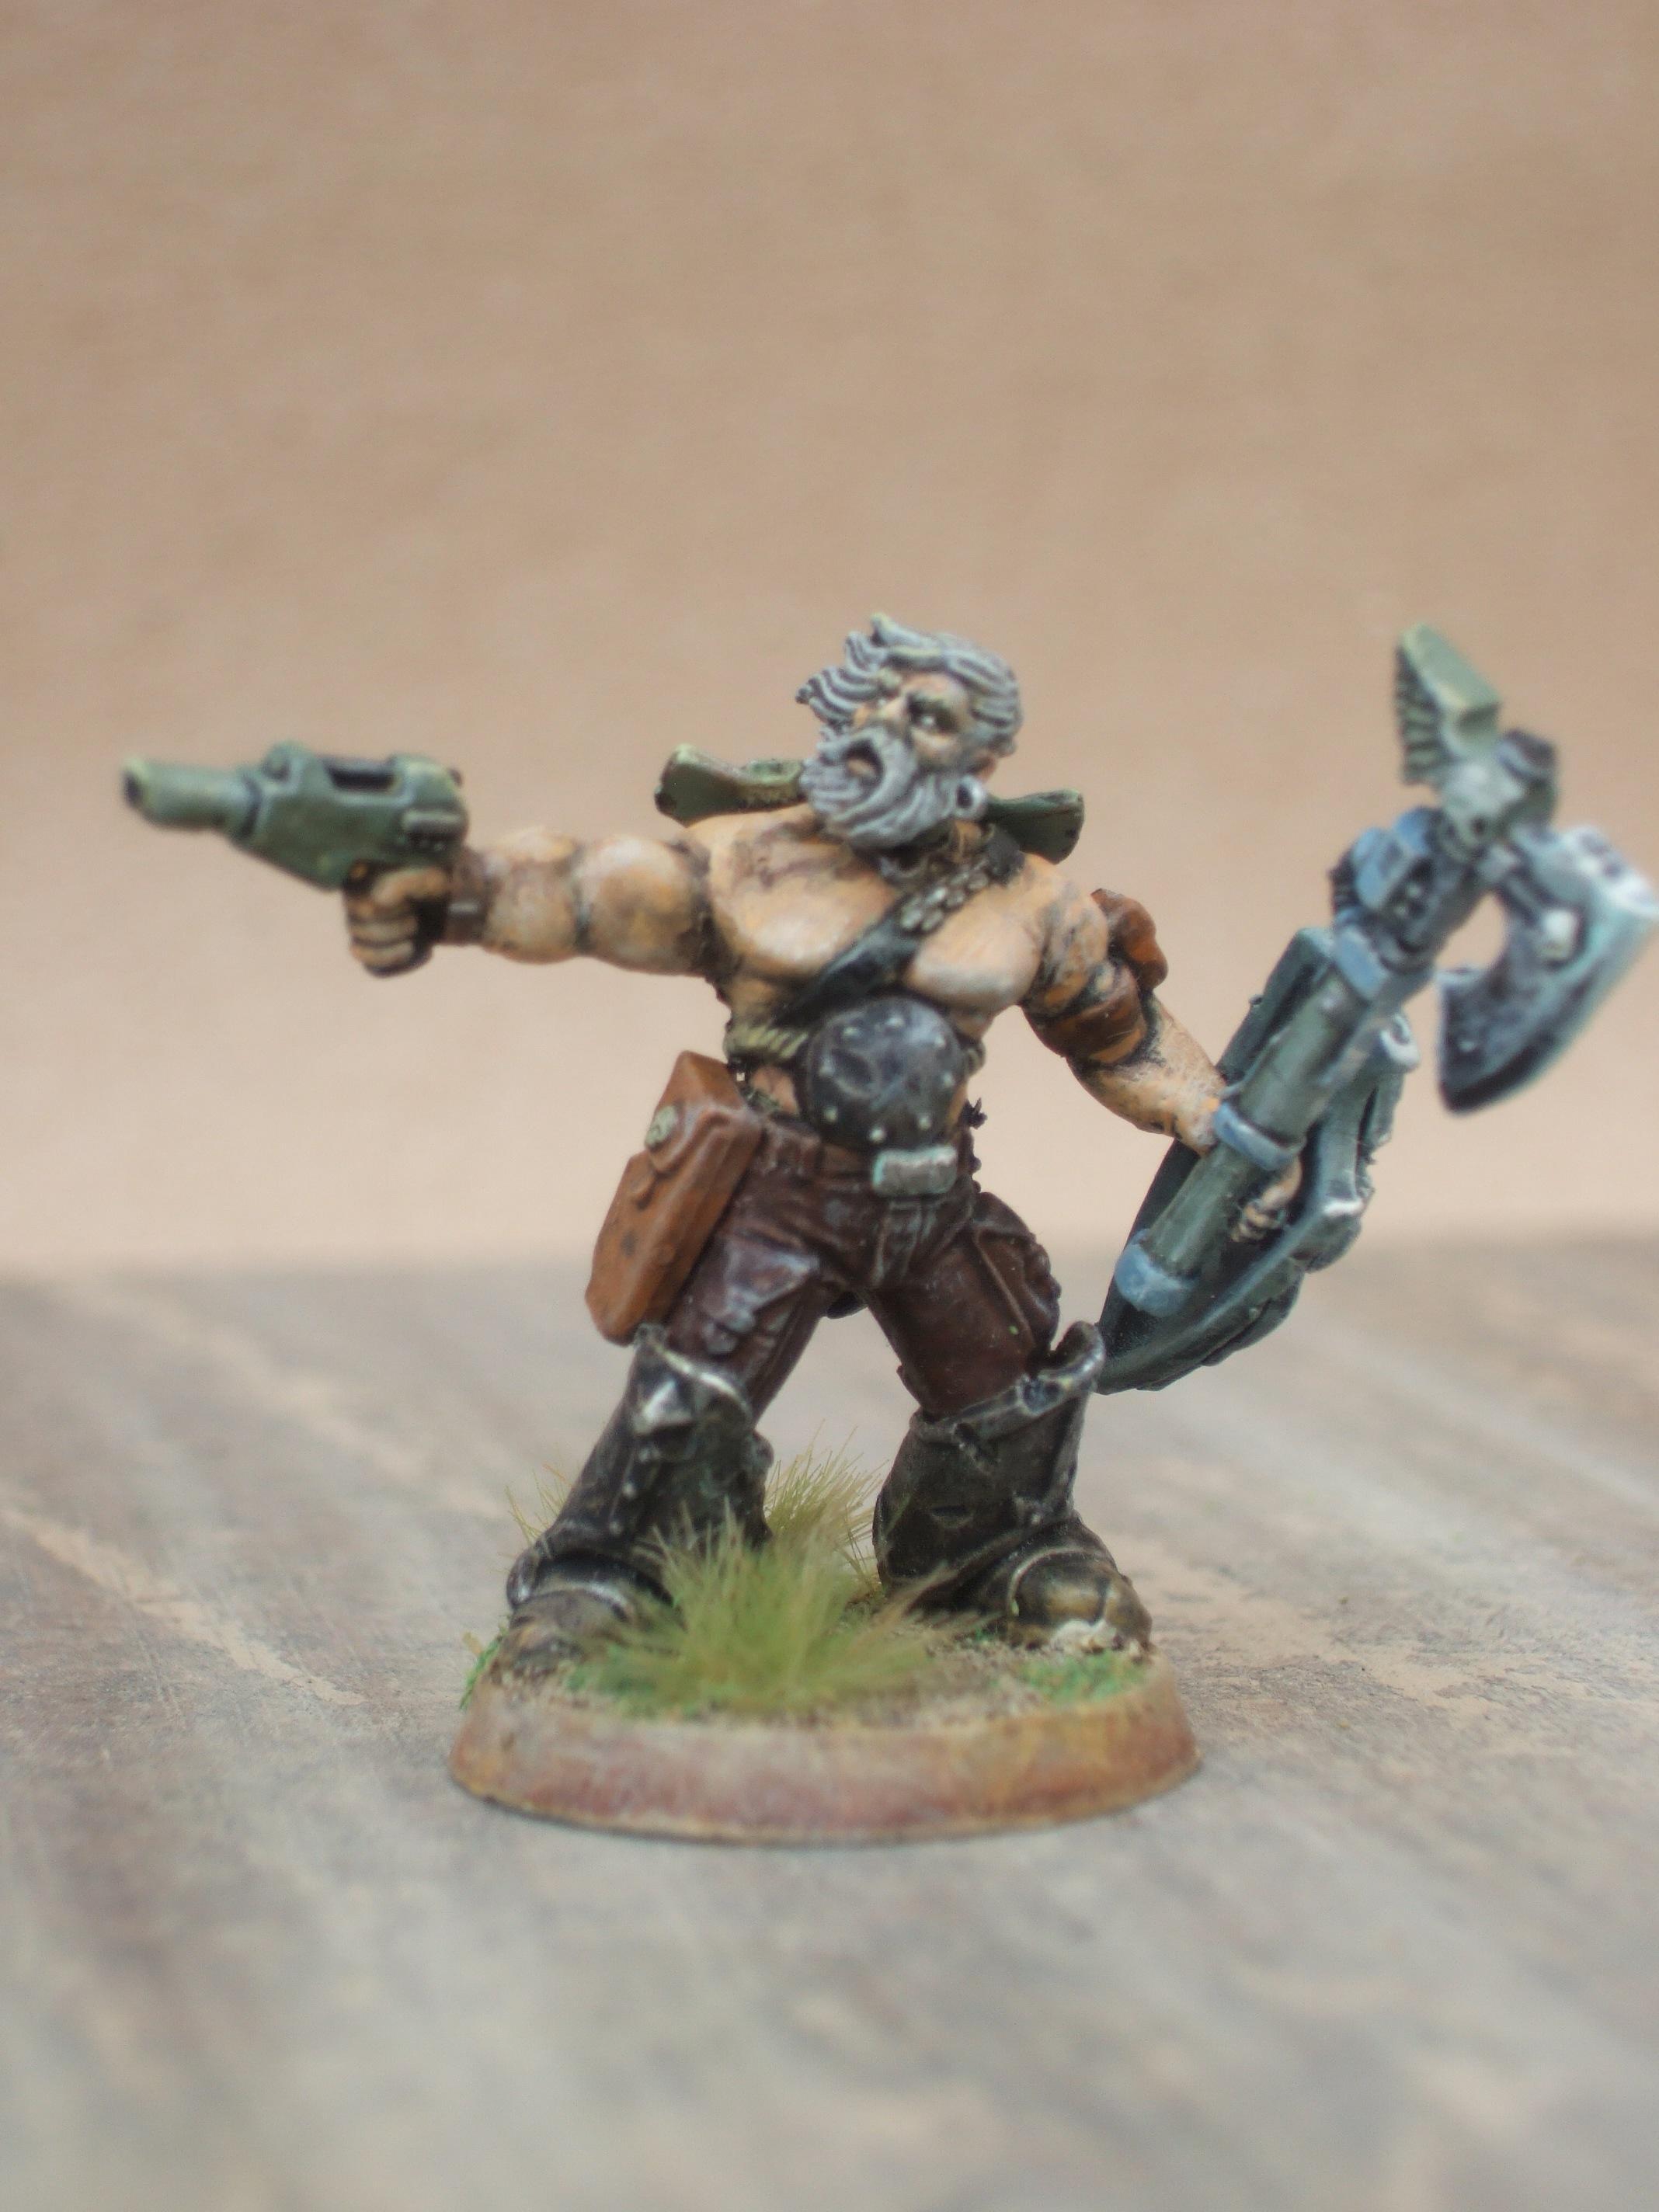 Imperial Warrior, Lost warrior